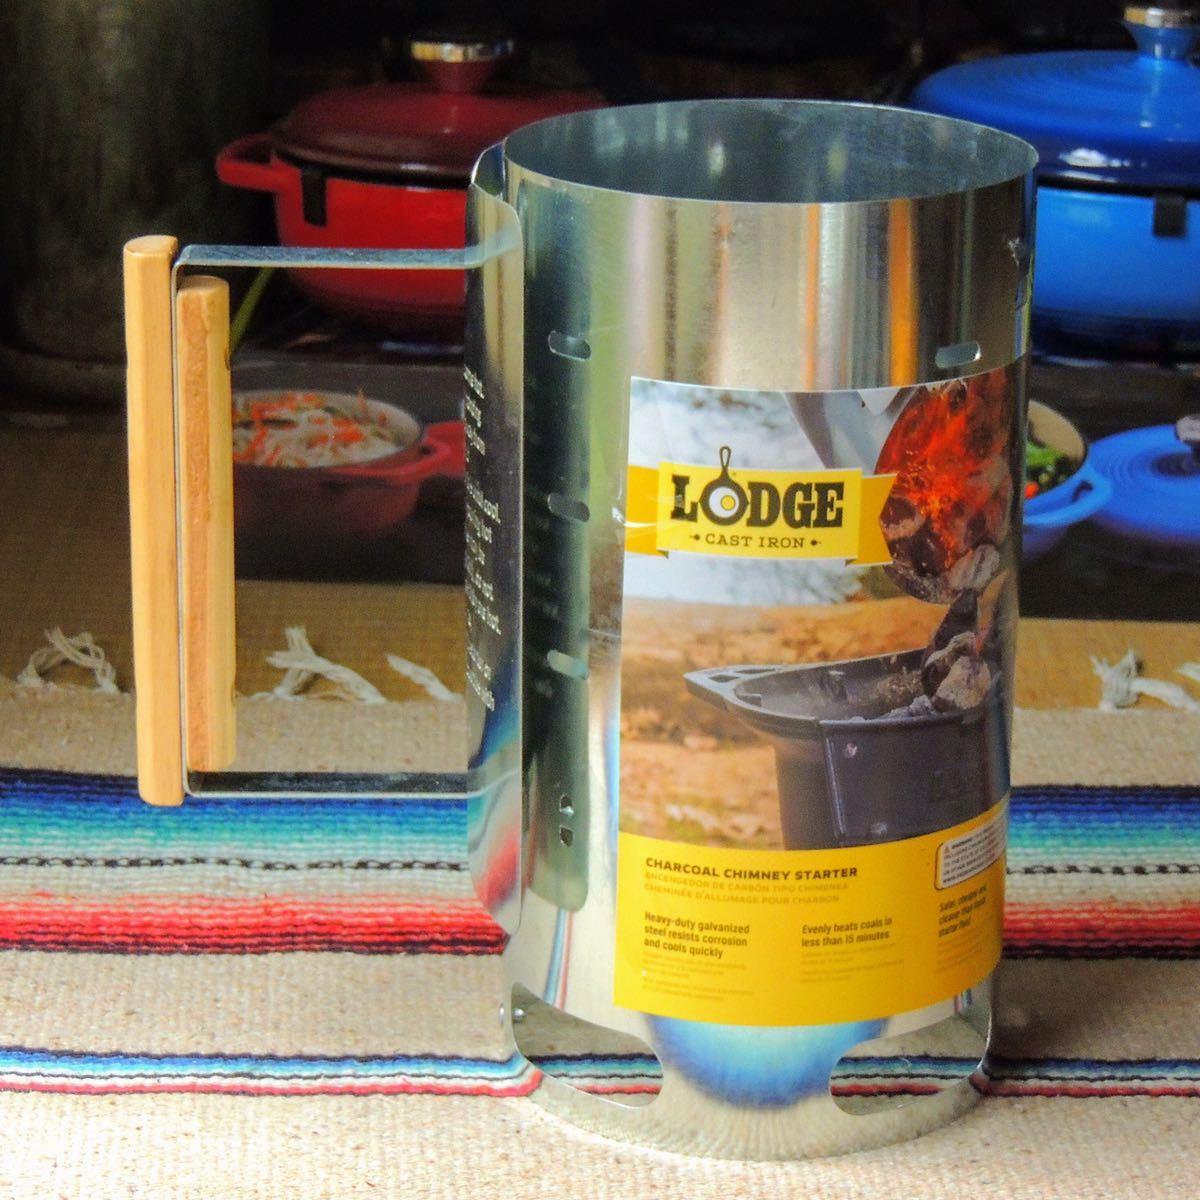 ロッジLODGEチャーチルチムニースターター☆火おこし器 BBQ バーベキュー アウトドア キャンプ ダッチオーブン スキレット outdoor camp